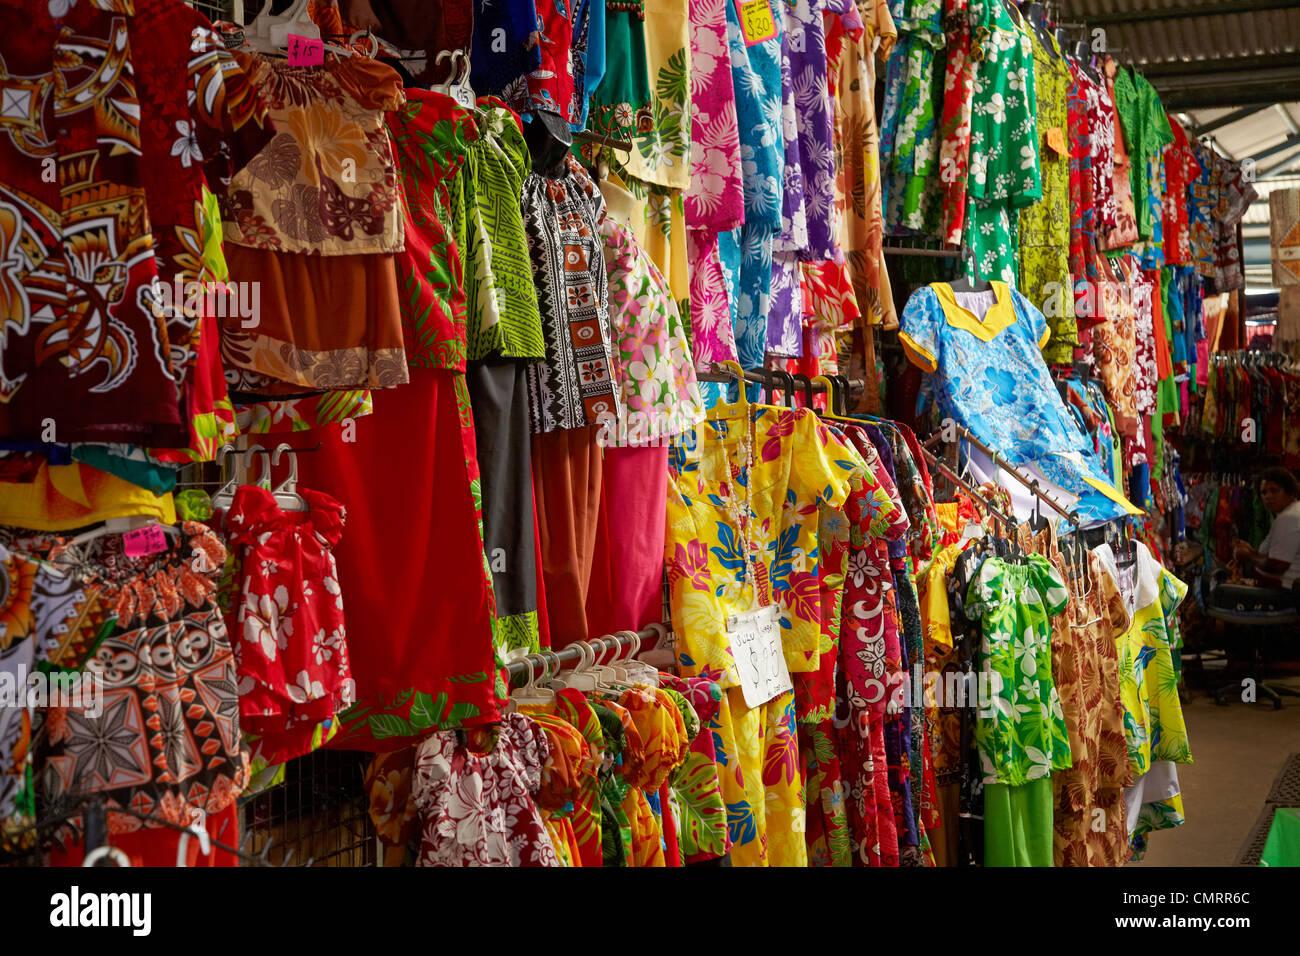 Clothing Stall At Suva Flea Market Suva Viti Levu Fiji South